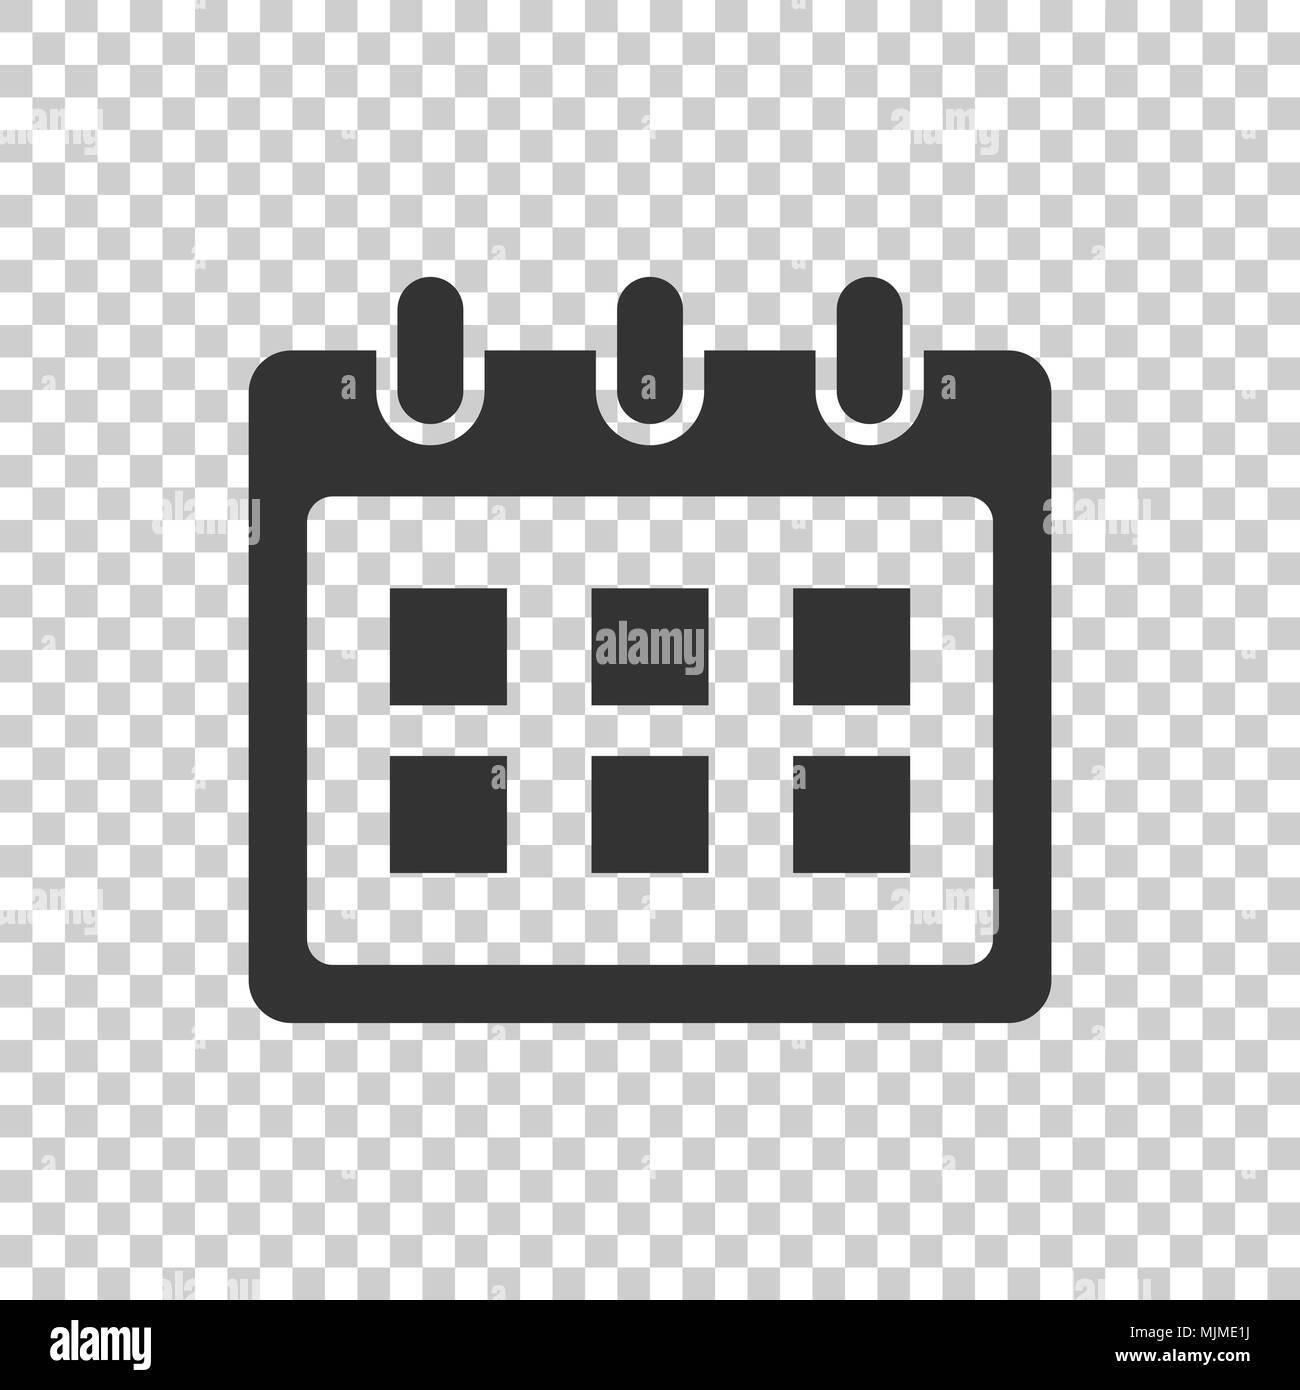 Calendario Icona.Calendario Icona Vettore Nota Agenda Segno Illustrazione